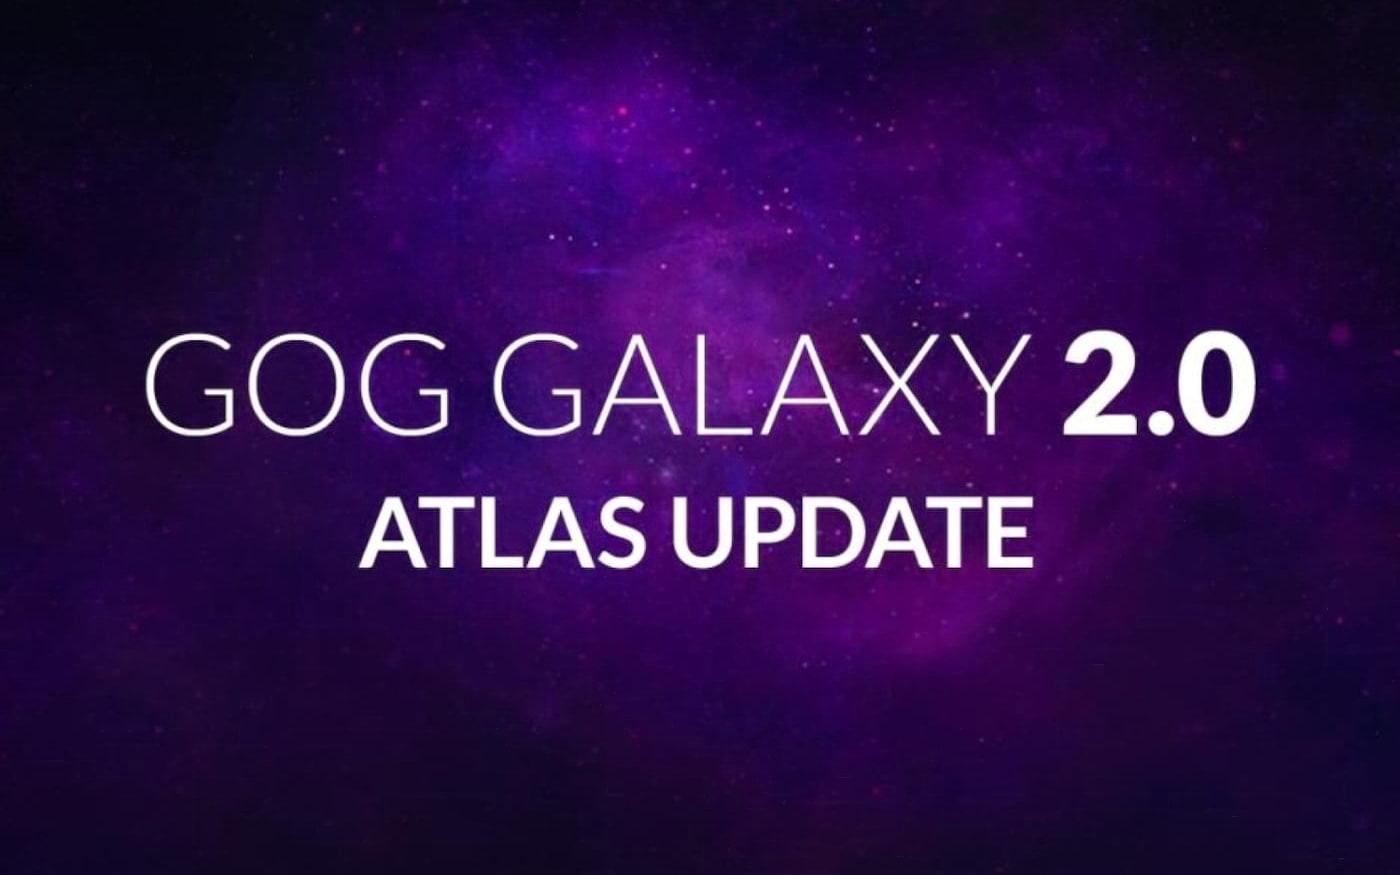 GOG, subsidiária integral da CD Projekt atualiza sua plataforma de distribuição de jogos GOG Galaxy 2.0